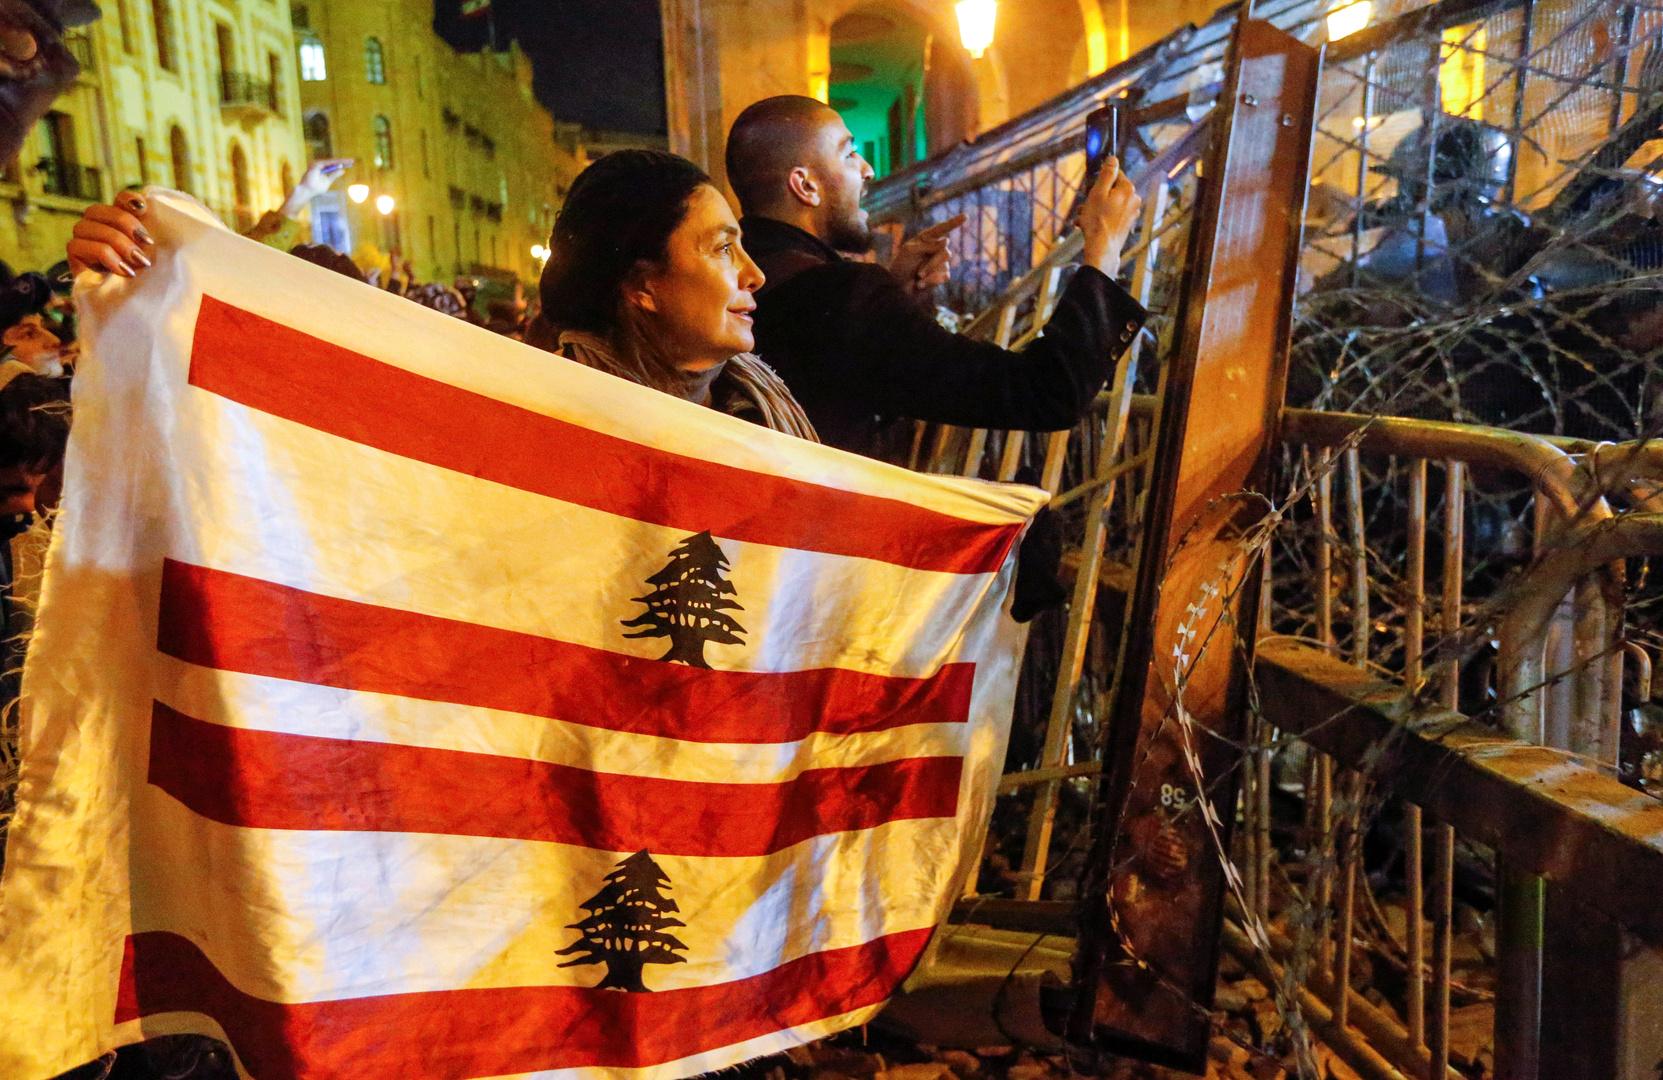 جانب من الاحتجاجات المطالبة برحيل النخبة السياسية الحاكمة في لبنان